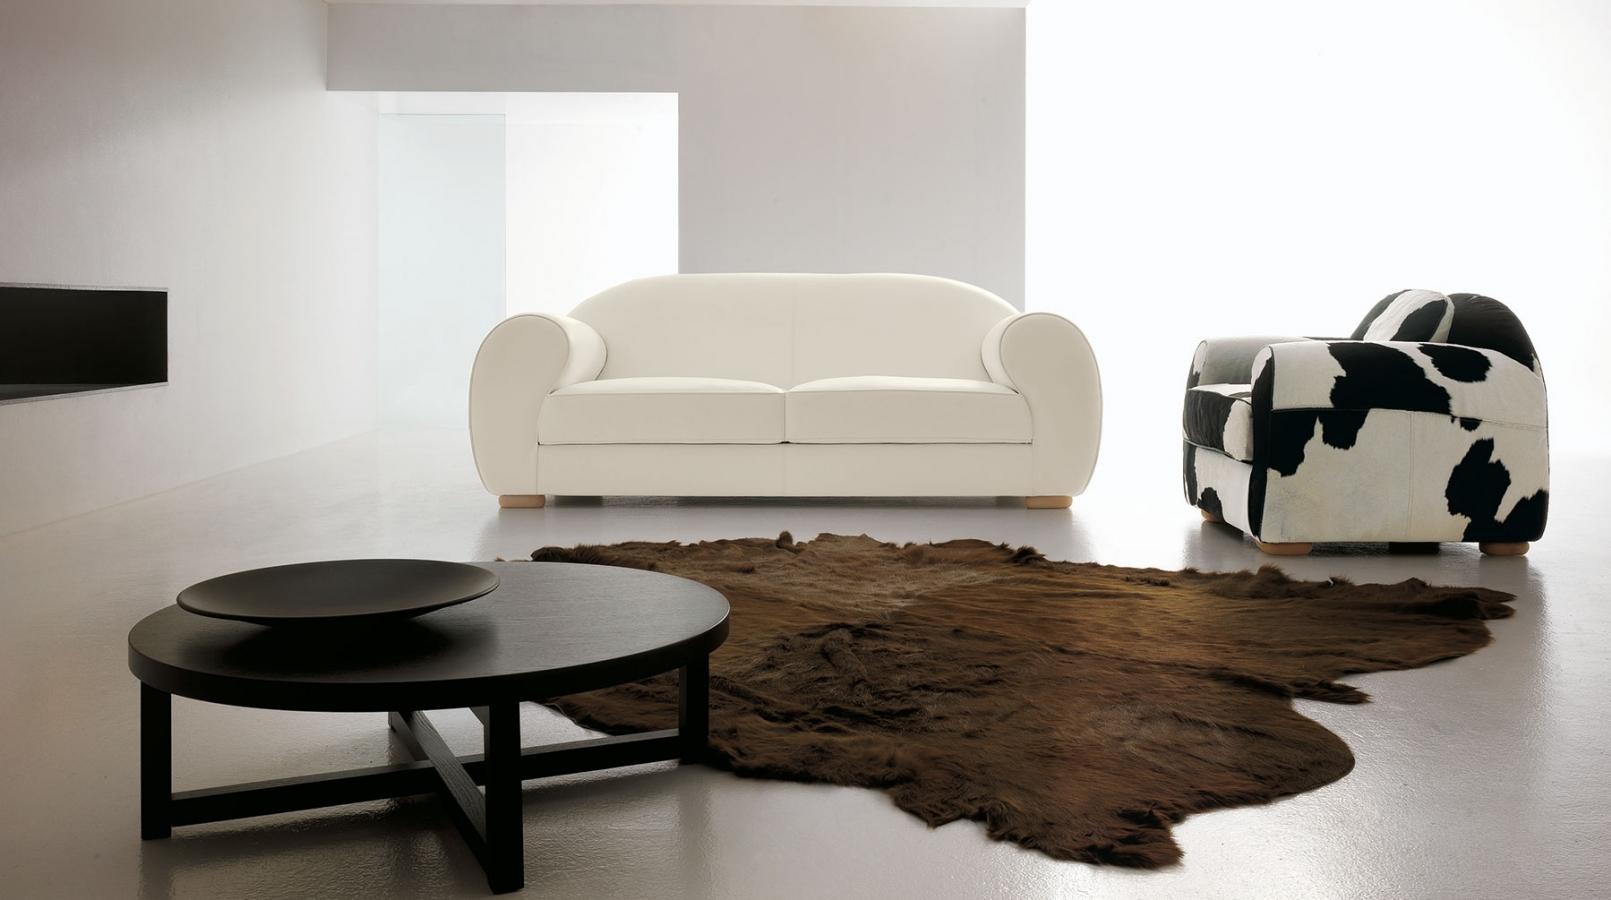 mobili italiani stile contemporaneo / Serena Group